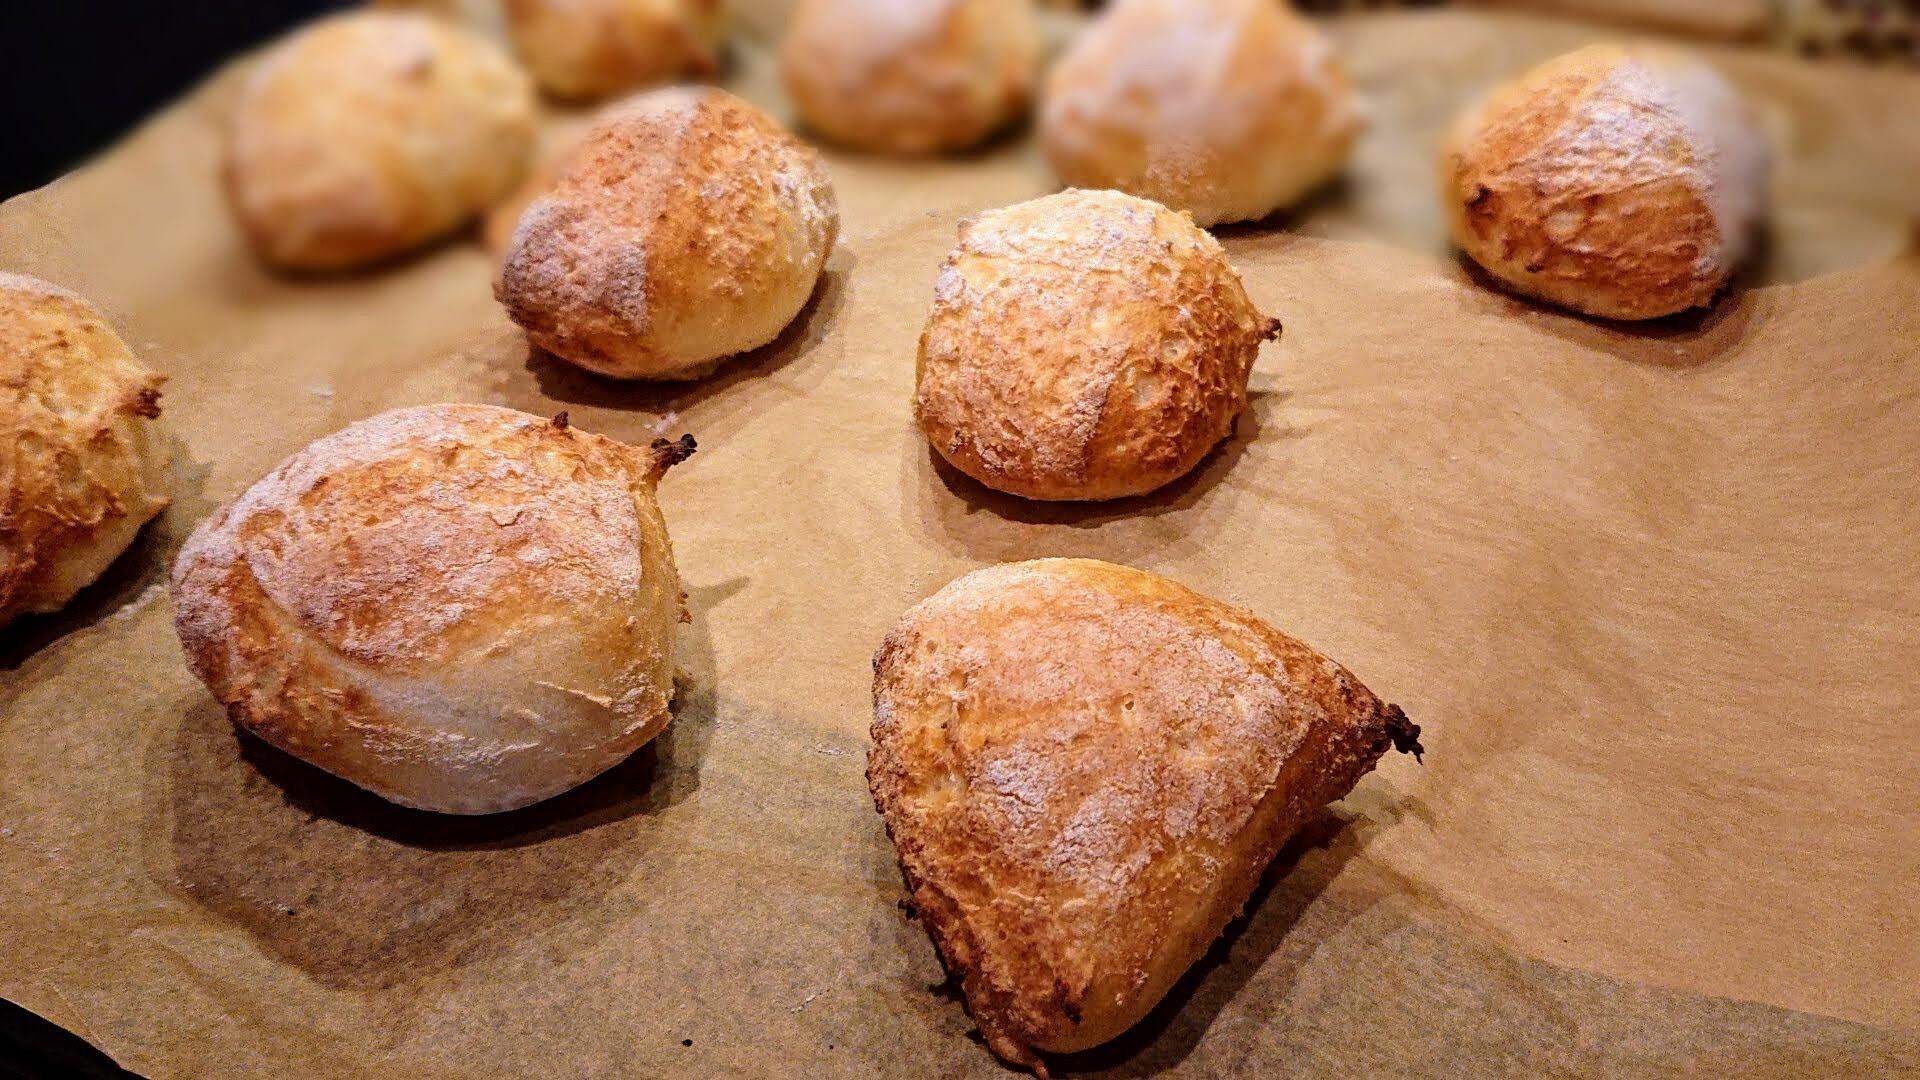 glutenfritt bröd jäsa över natten